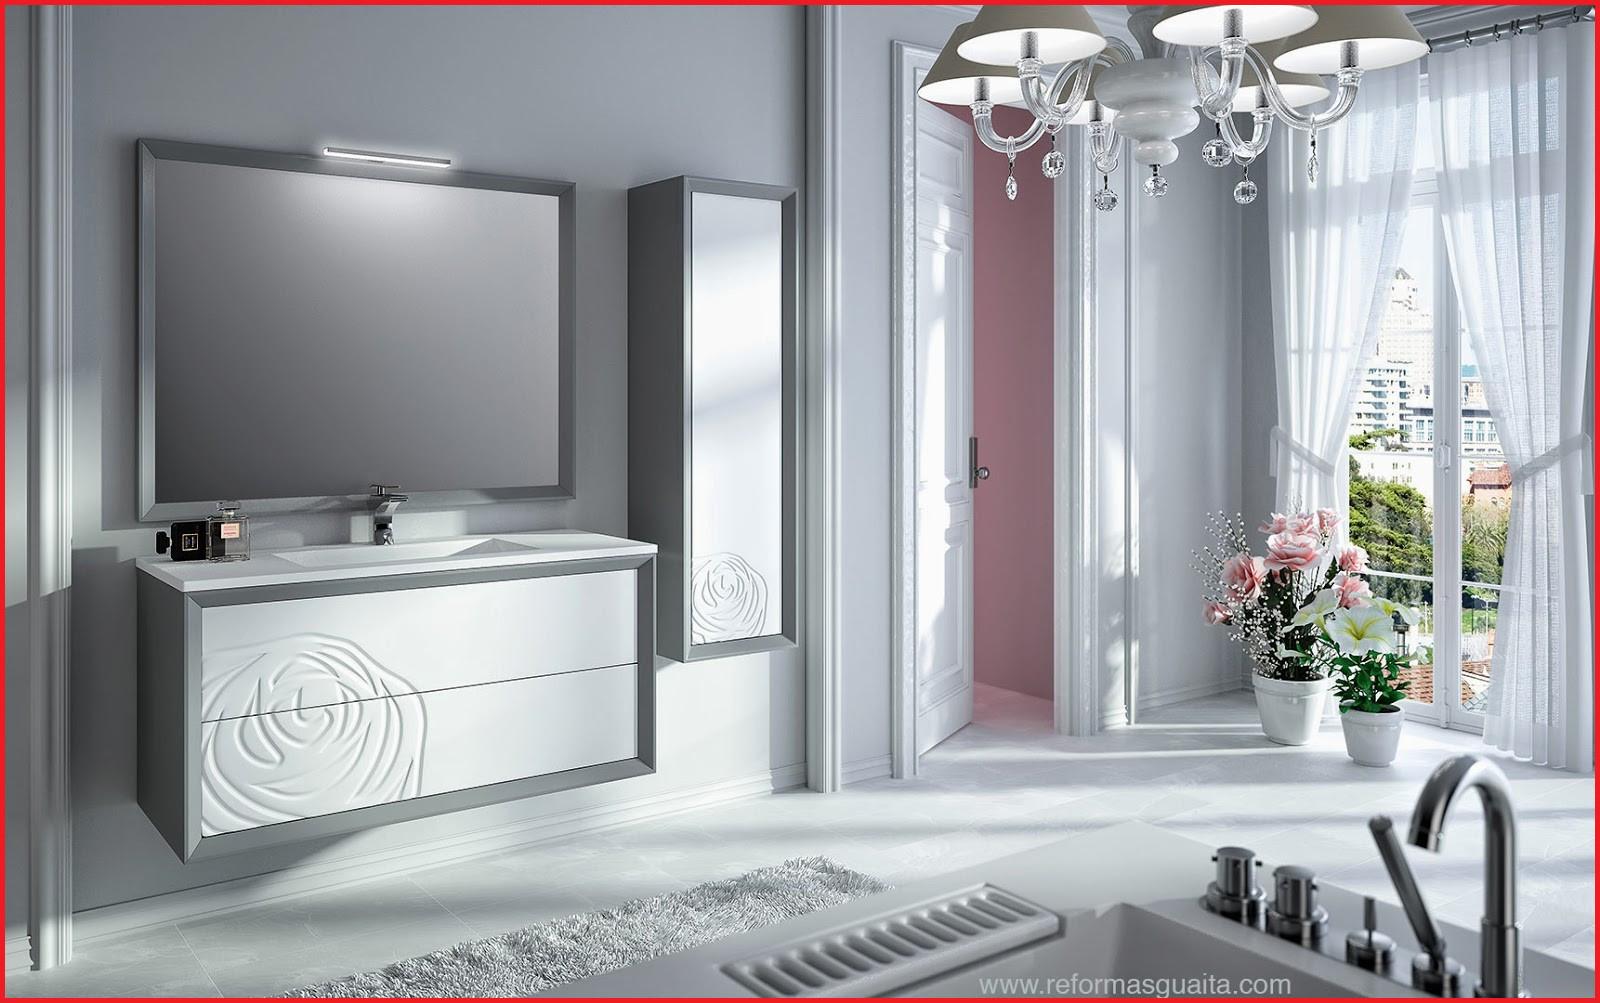 Muebles De Baño Blanco Tldn Muebles Accesorios Baà O 22 Nuevo Muebles De BaO Blanco